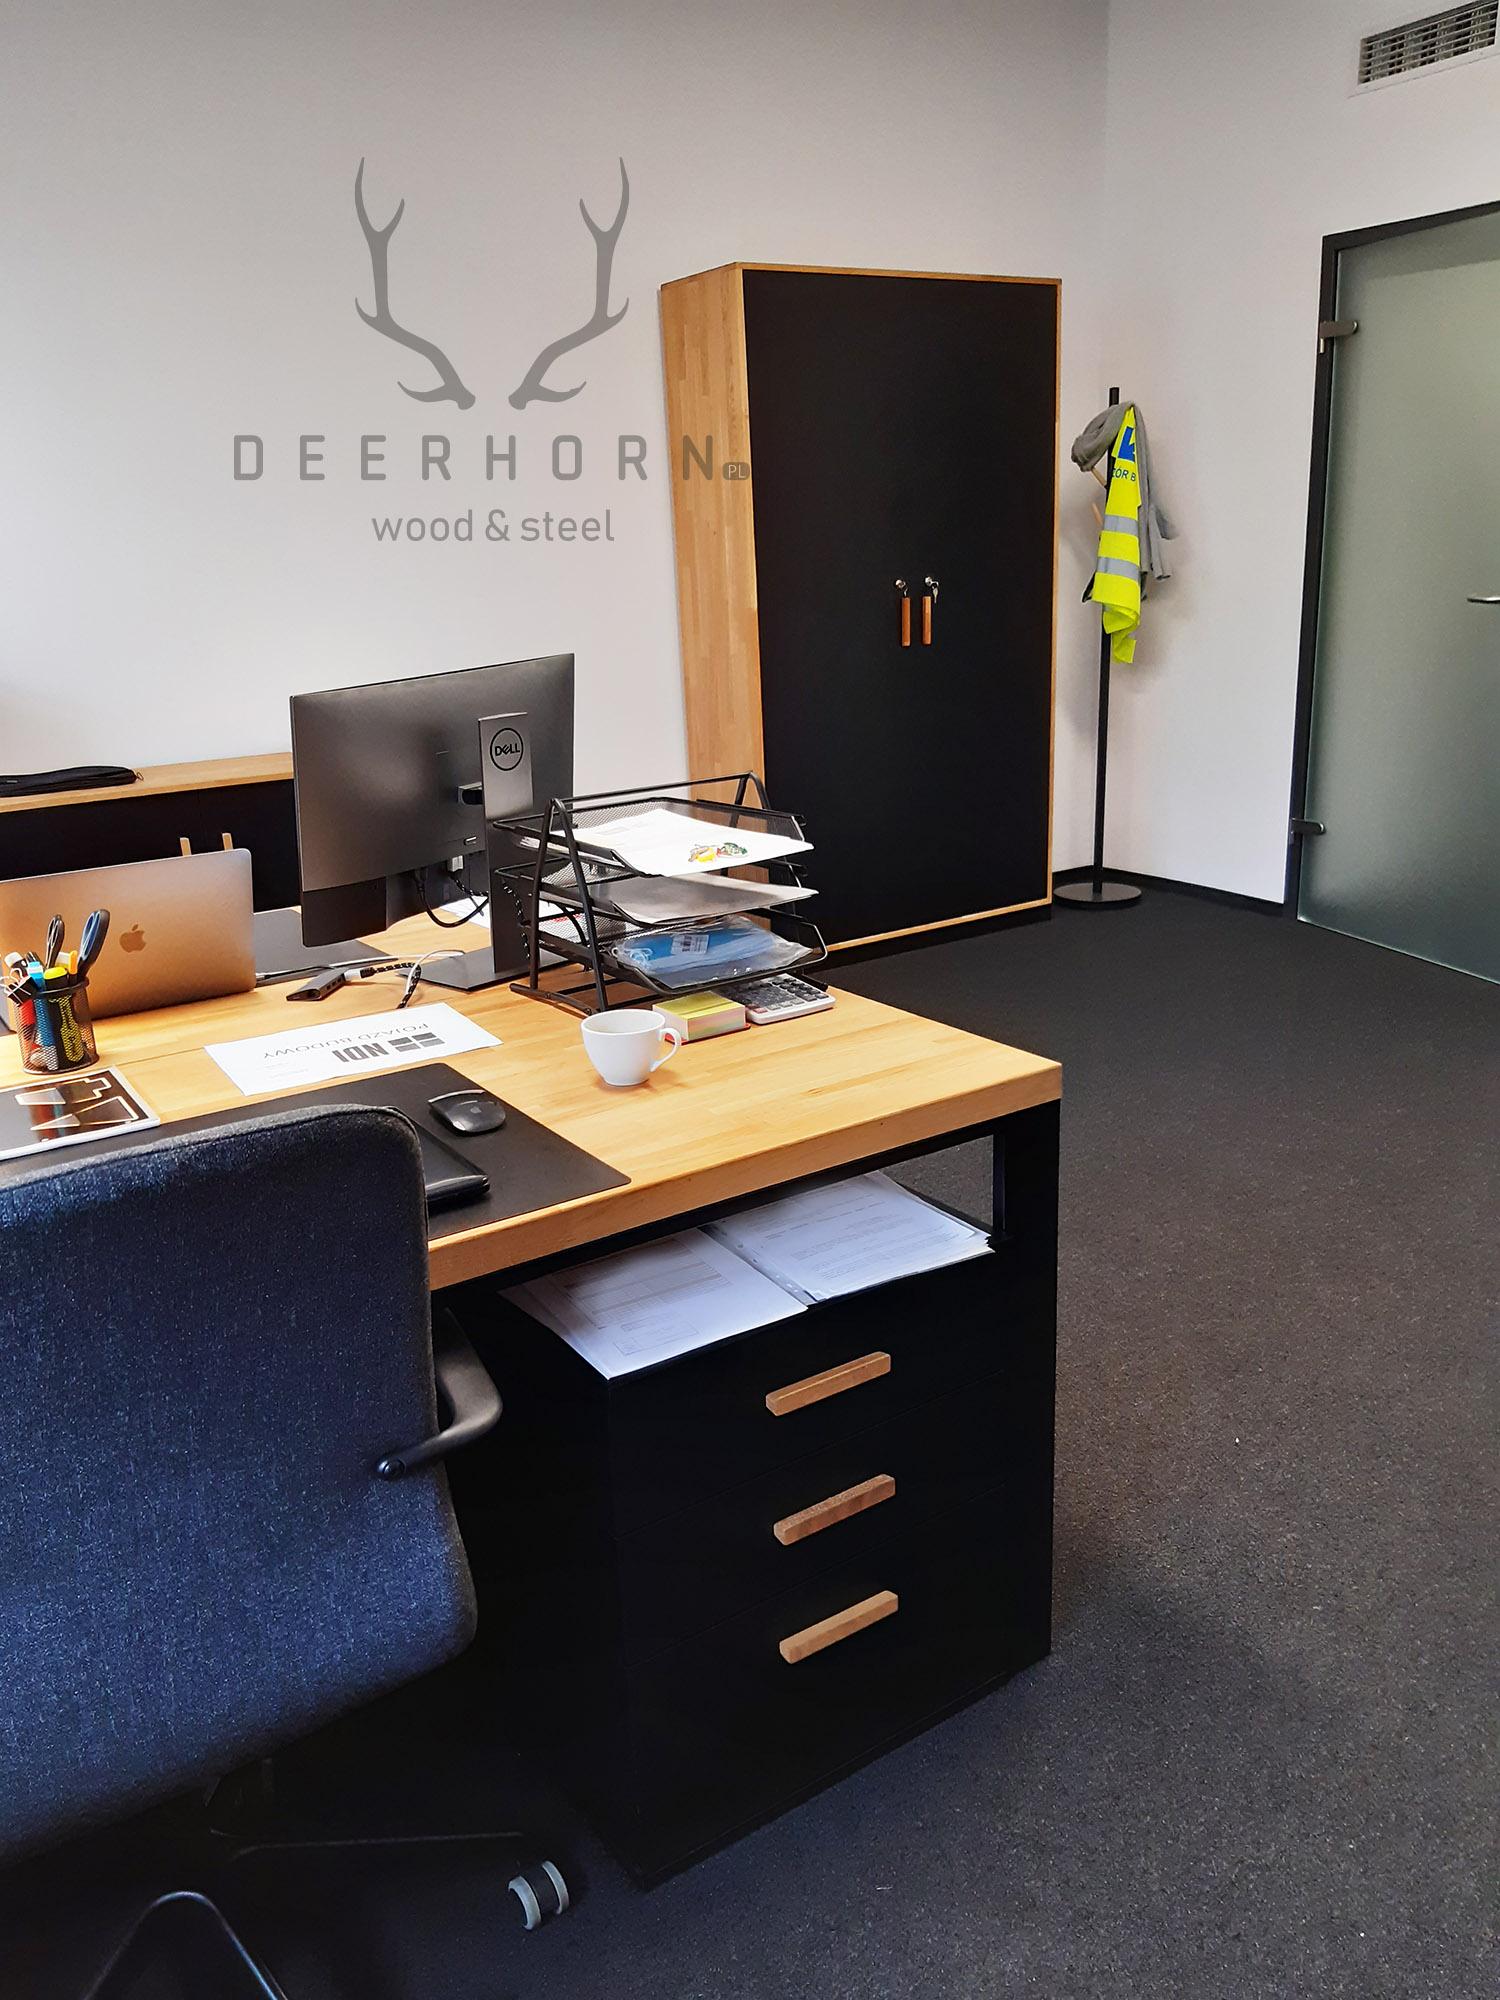 biurka i szafy w stylu loftowym